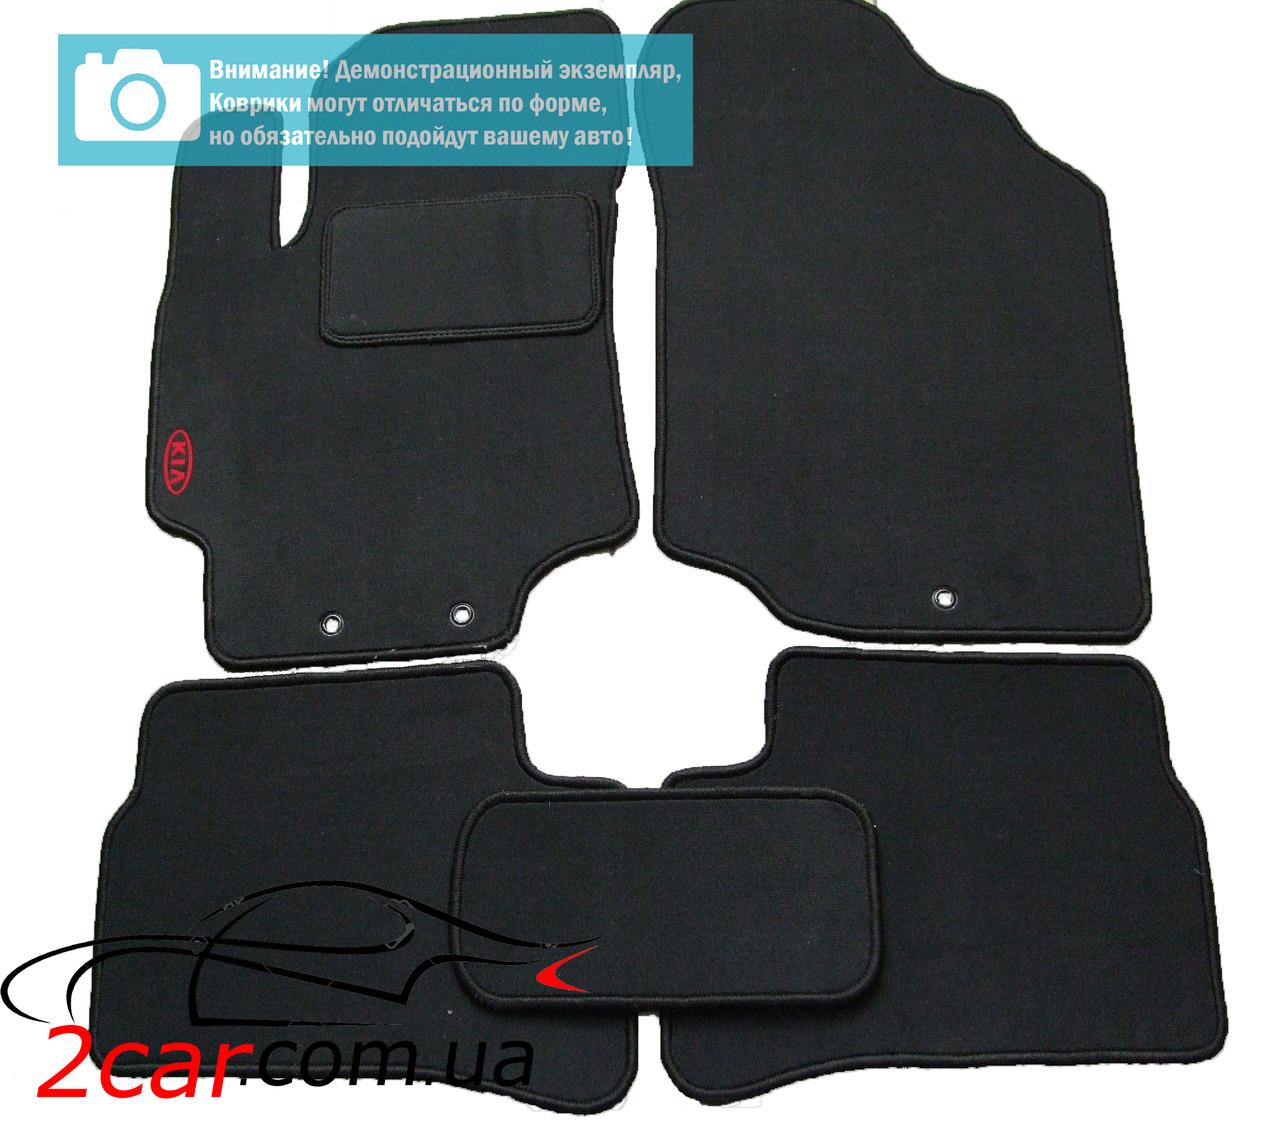 Текстильные коврики в салон для Renault Scenic I (RX4) (чёрный) (Sting